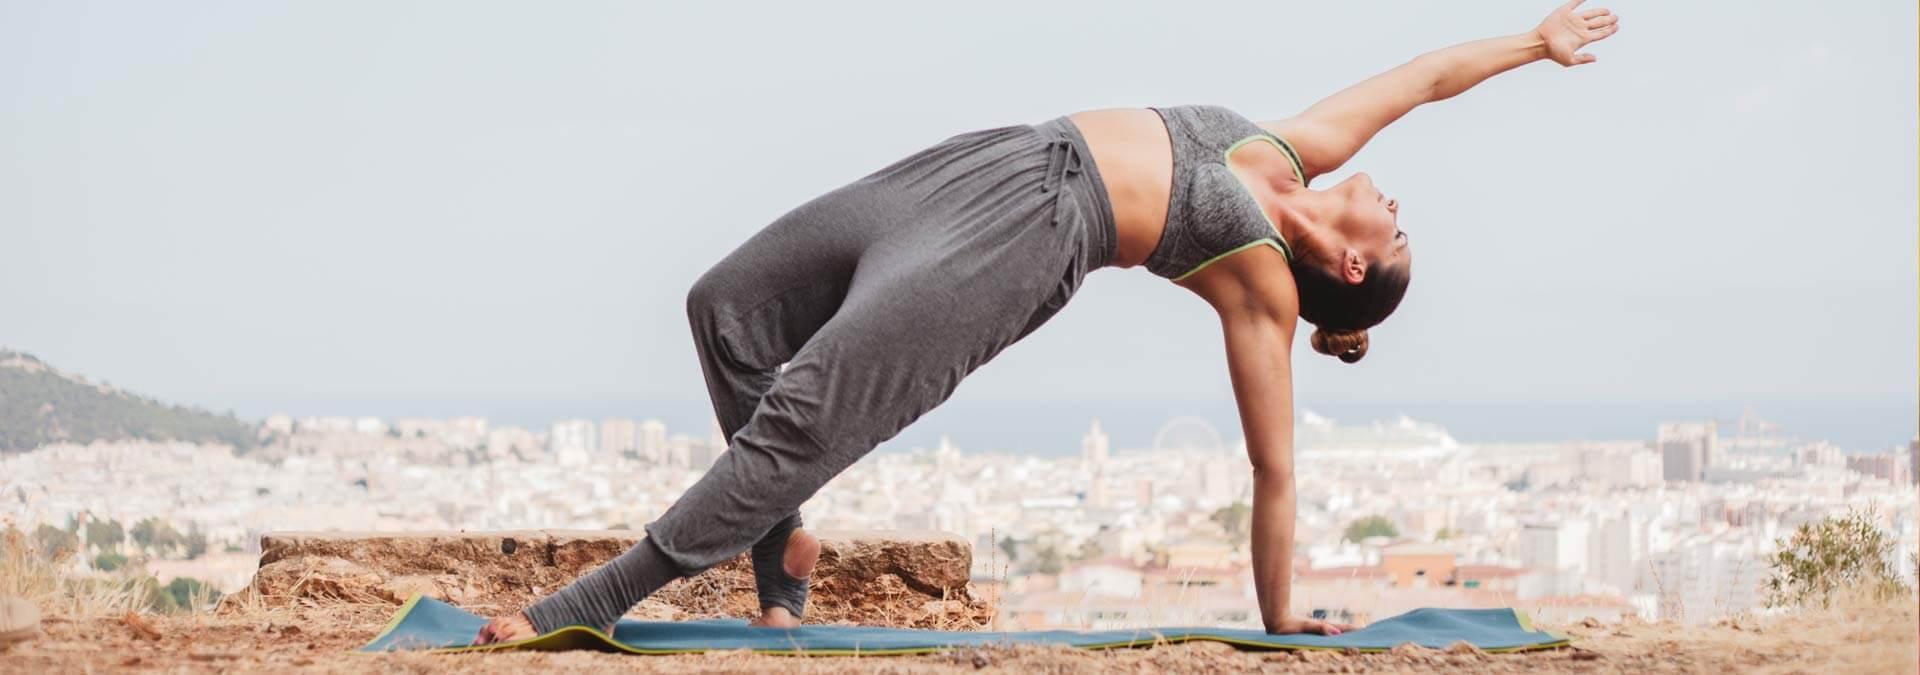 Yoga en mindfulness uitspraken voor elke dag! - de mooiste yoga spreuken van ingspire.nl